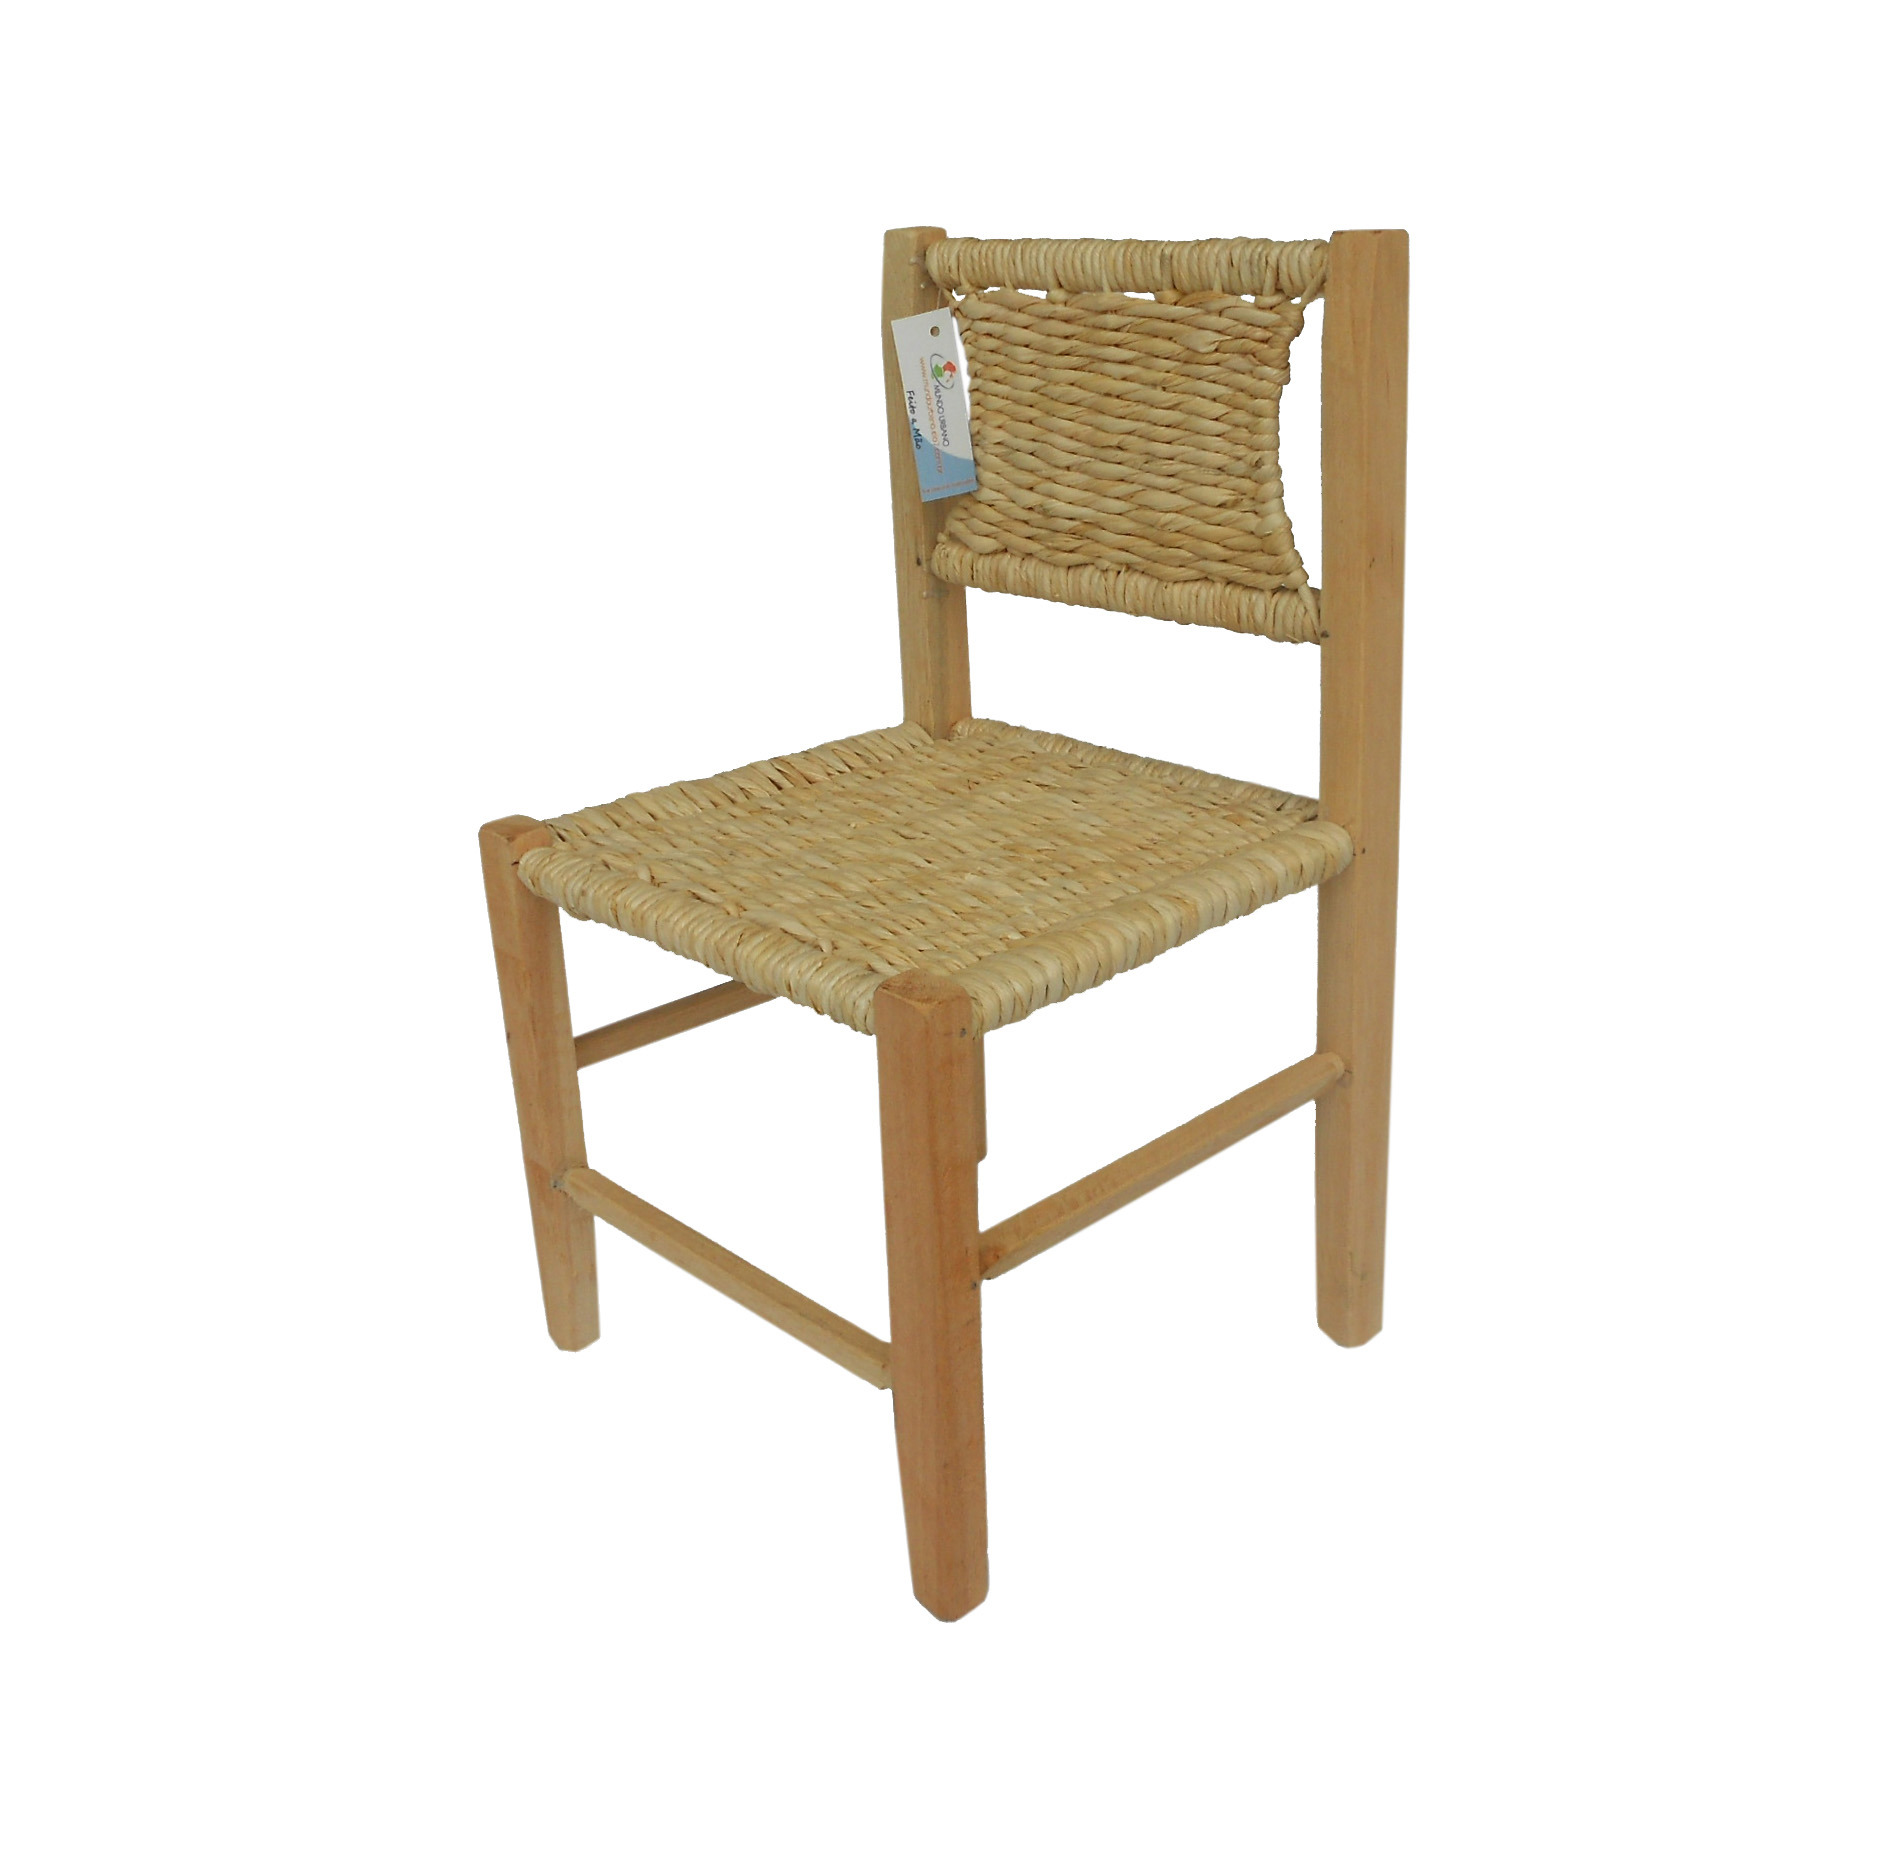 Cadeira Infantil Palha Milho Nt 30x30x54 Cadeira Infantil Palha Milho  #70502B 1896x1872